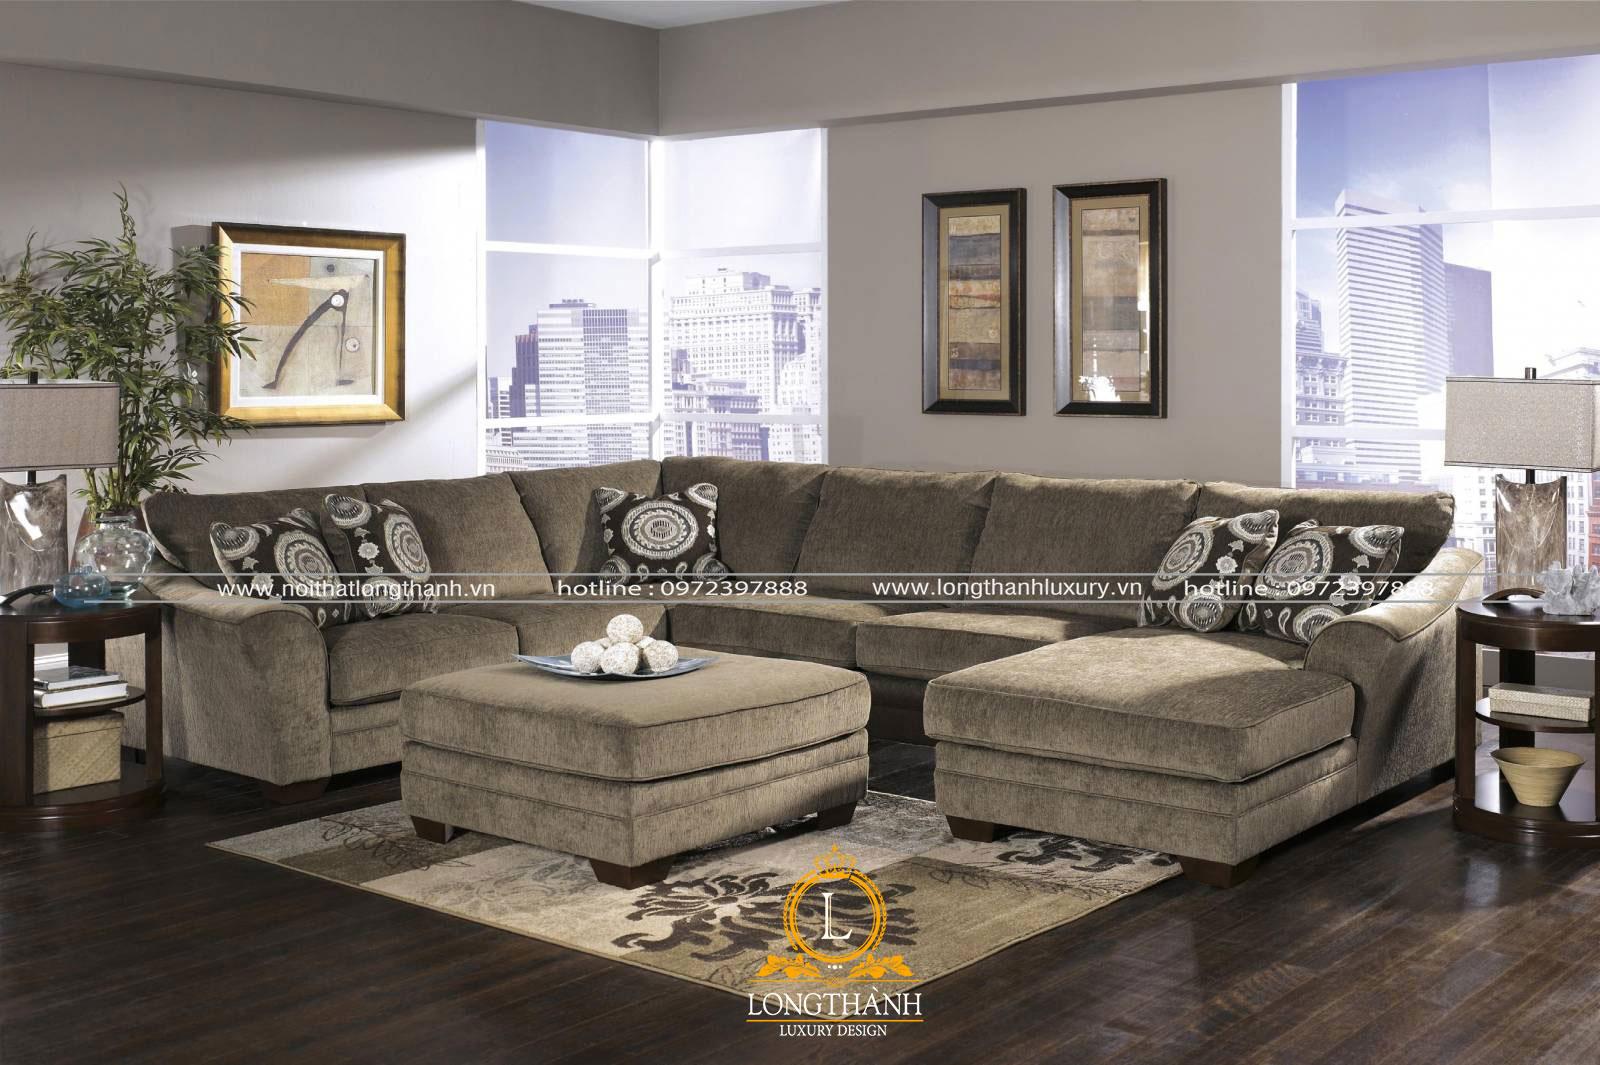 Bộ bàn ghế sofa chữ u được làm từ nhiều chất liệu đa dạng